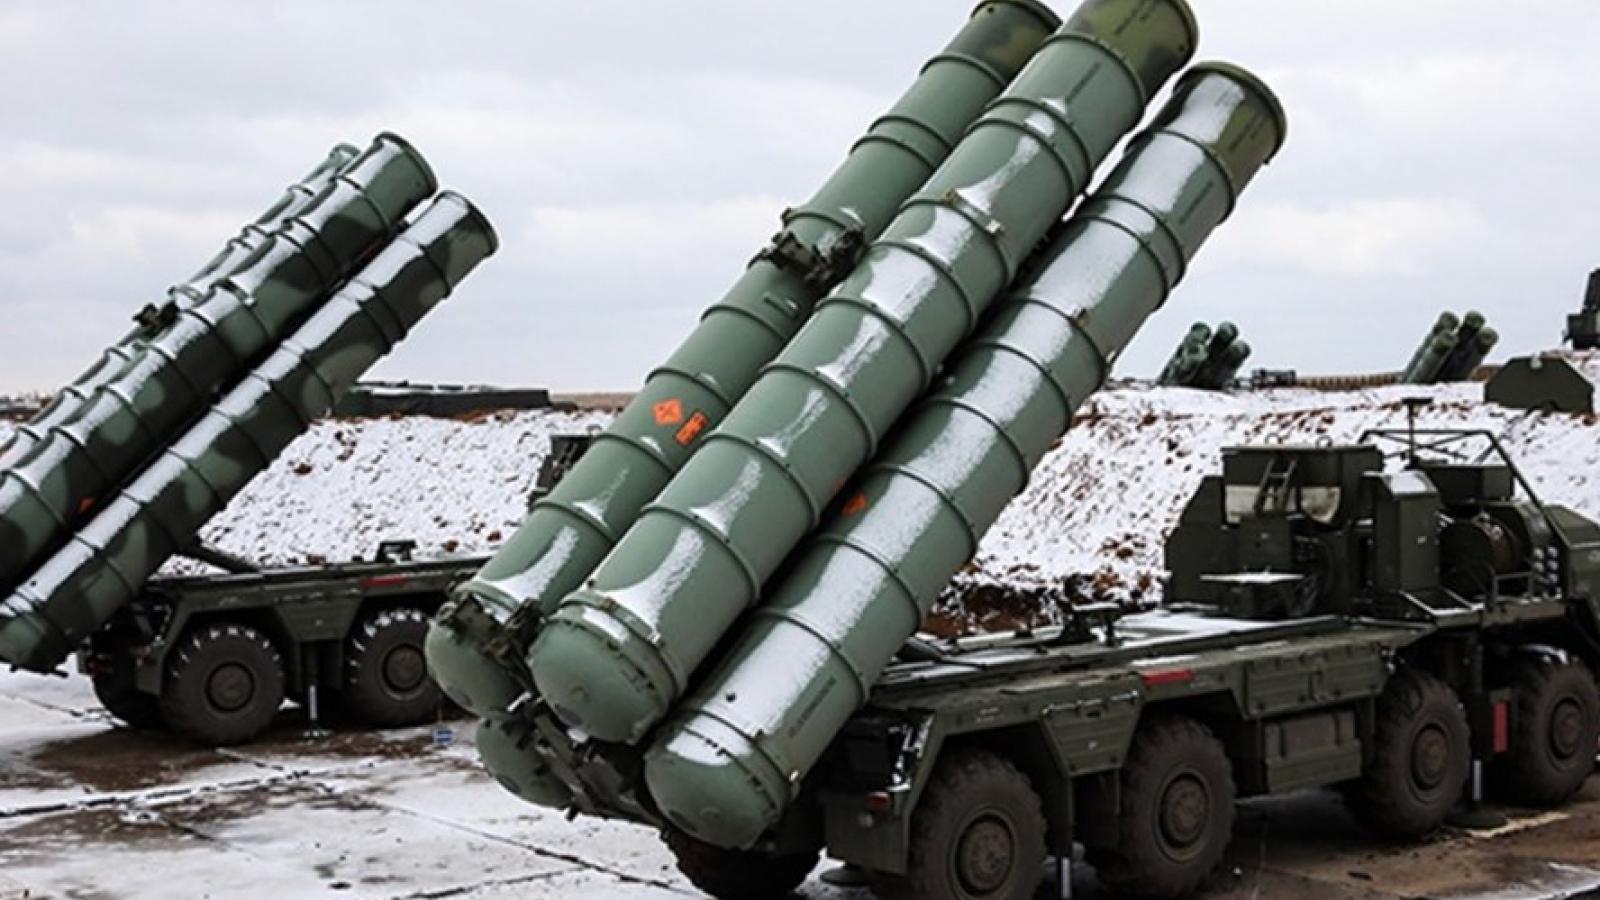 Vũ khí Nga khiến Mỹ đau đầu khi tìm kiếm đối tác chống Trung Quốc